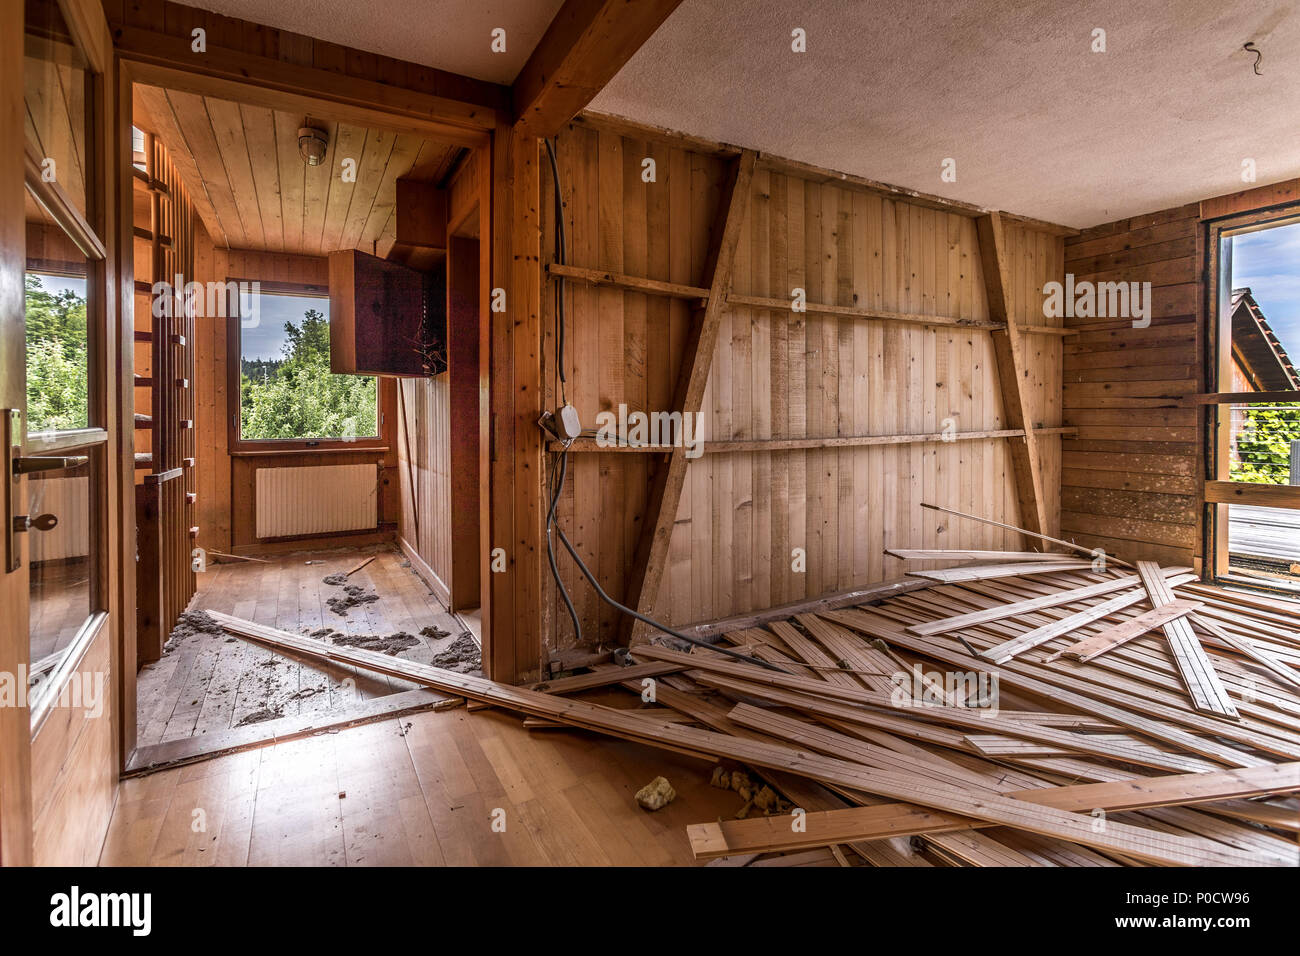 Bekannt Ein Zimmer mit Holz verkleidet in einem Haus, das abgerissen XA28